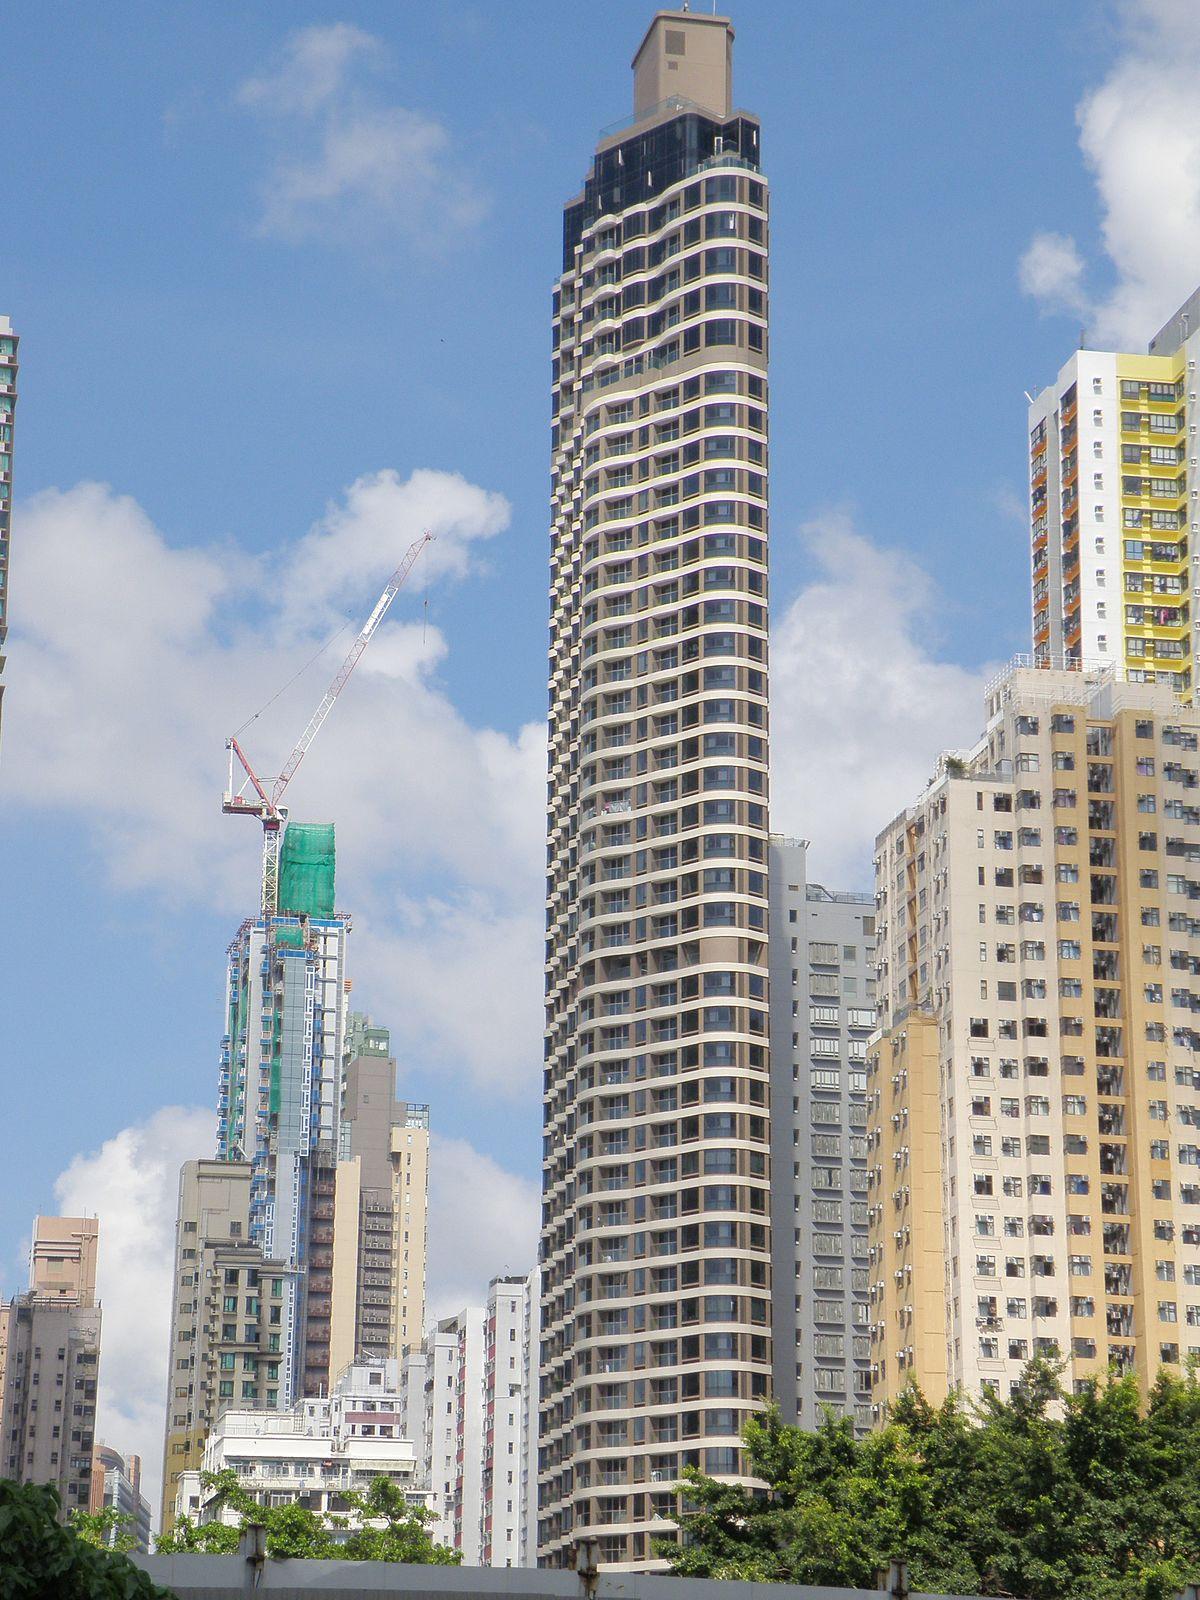 加多近山 - 維基百科,各區住宅,位於項目的2樓,3及5樓,佔地超過10,自由的百科全書